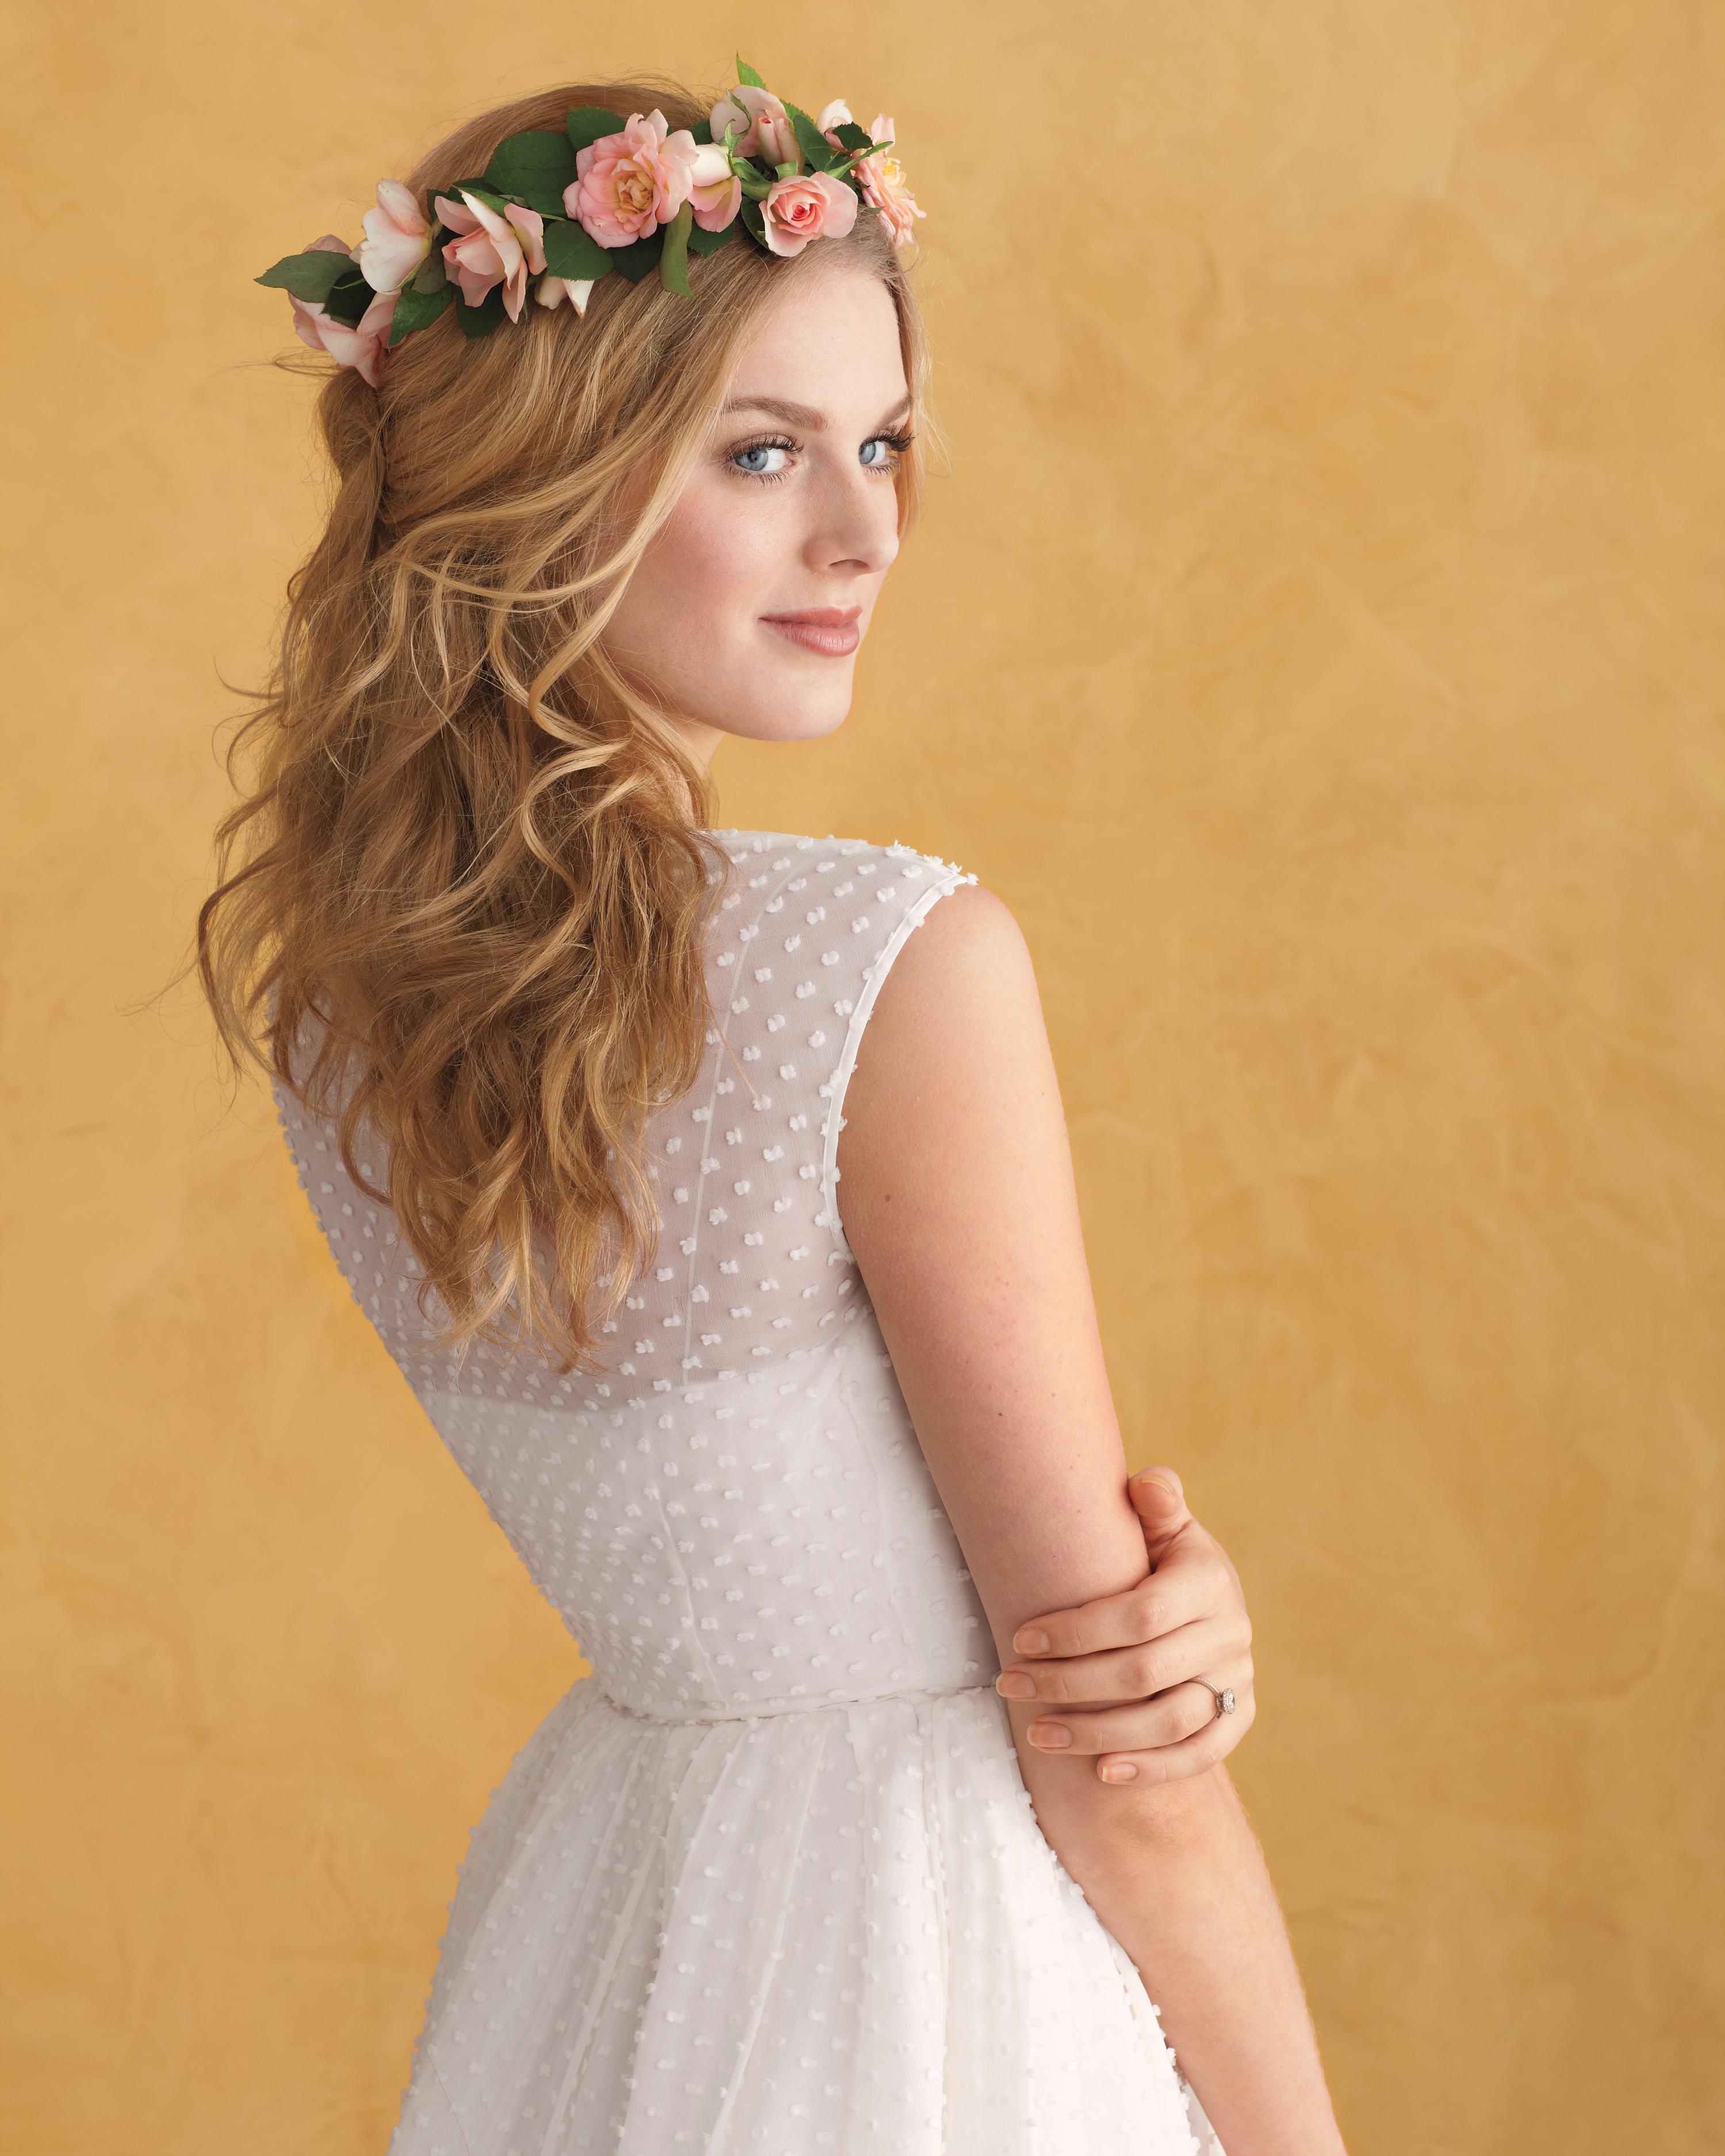 hair-flowers-model-opener-091-mwd109799.jpg